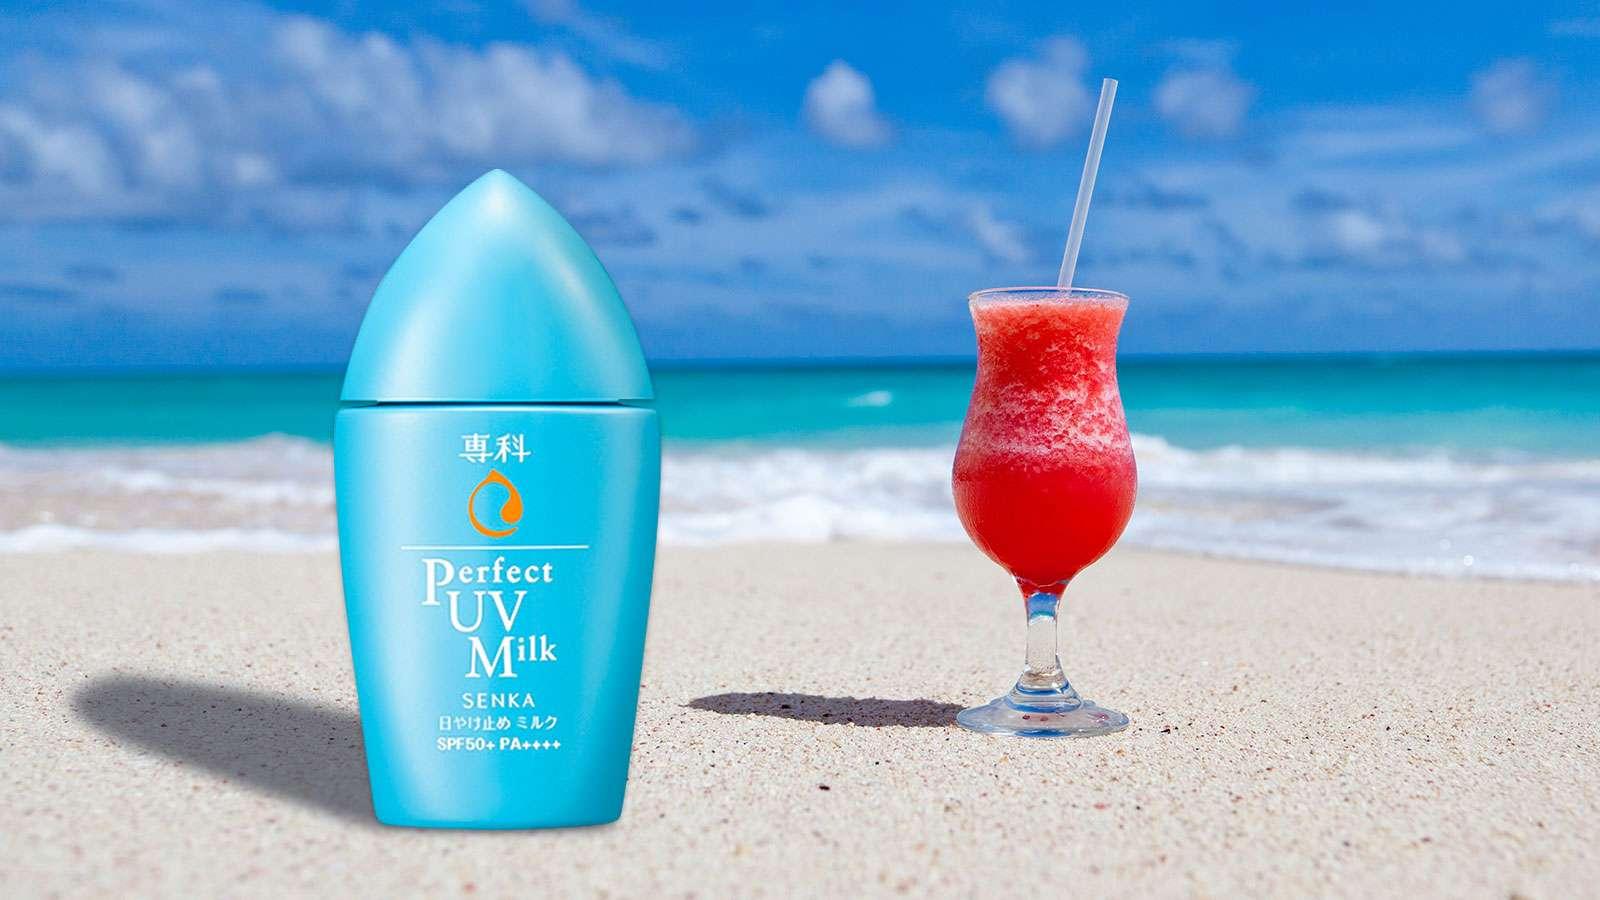 Đánh giá kem chống nắng dạng sữa Senka Perfect UV Milk SPF 50+ PA++++